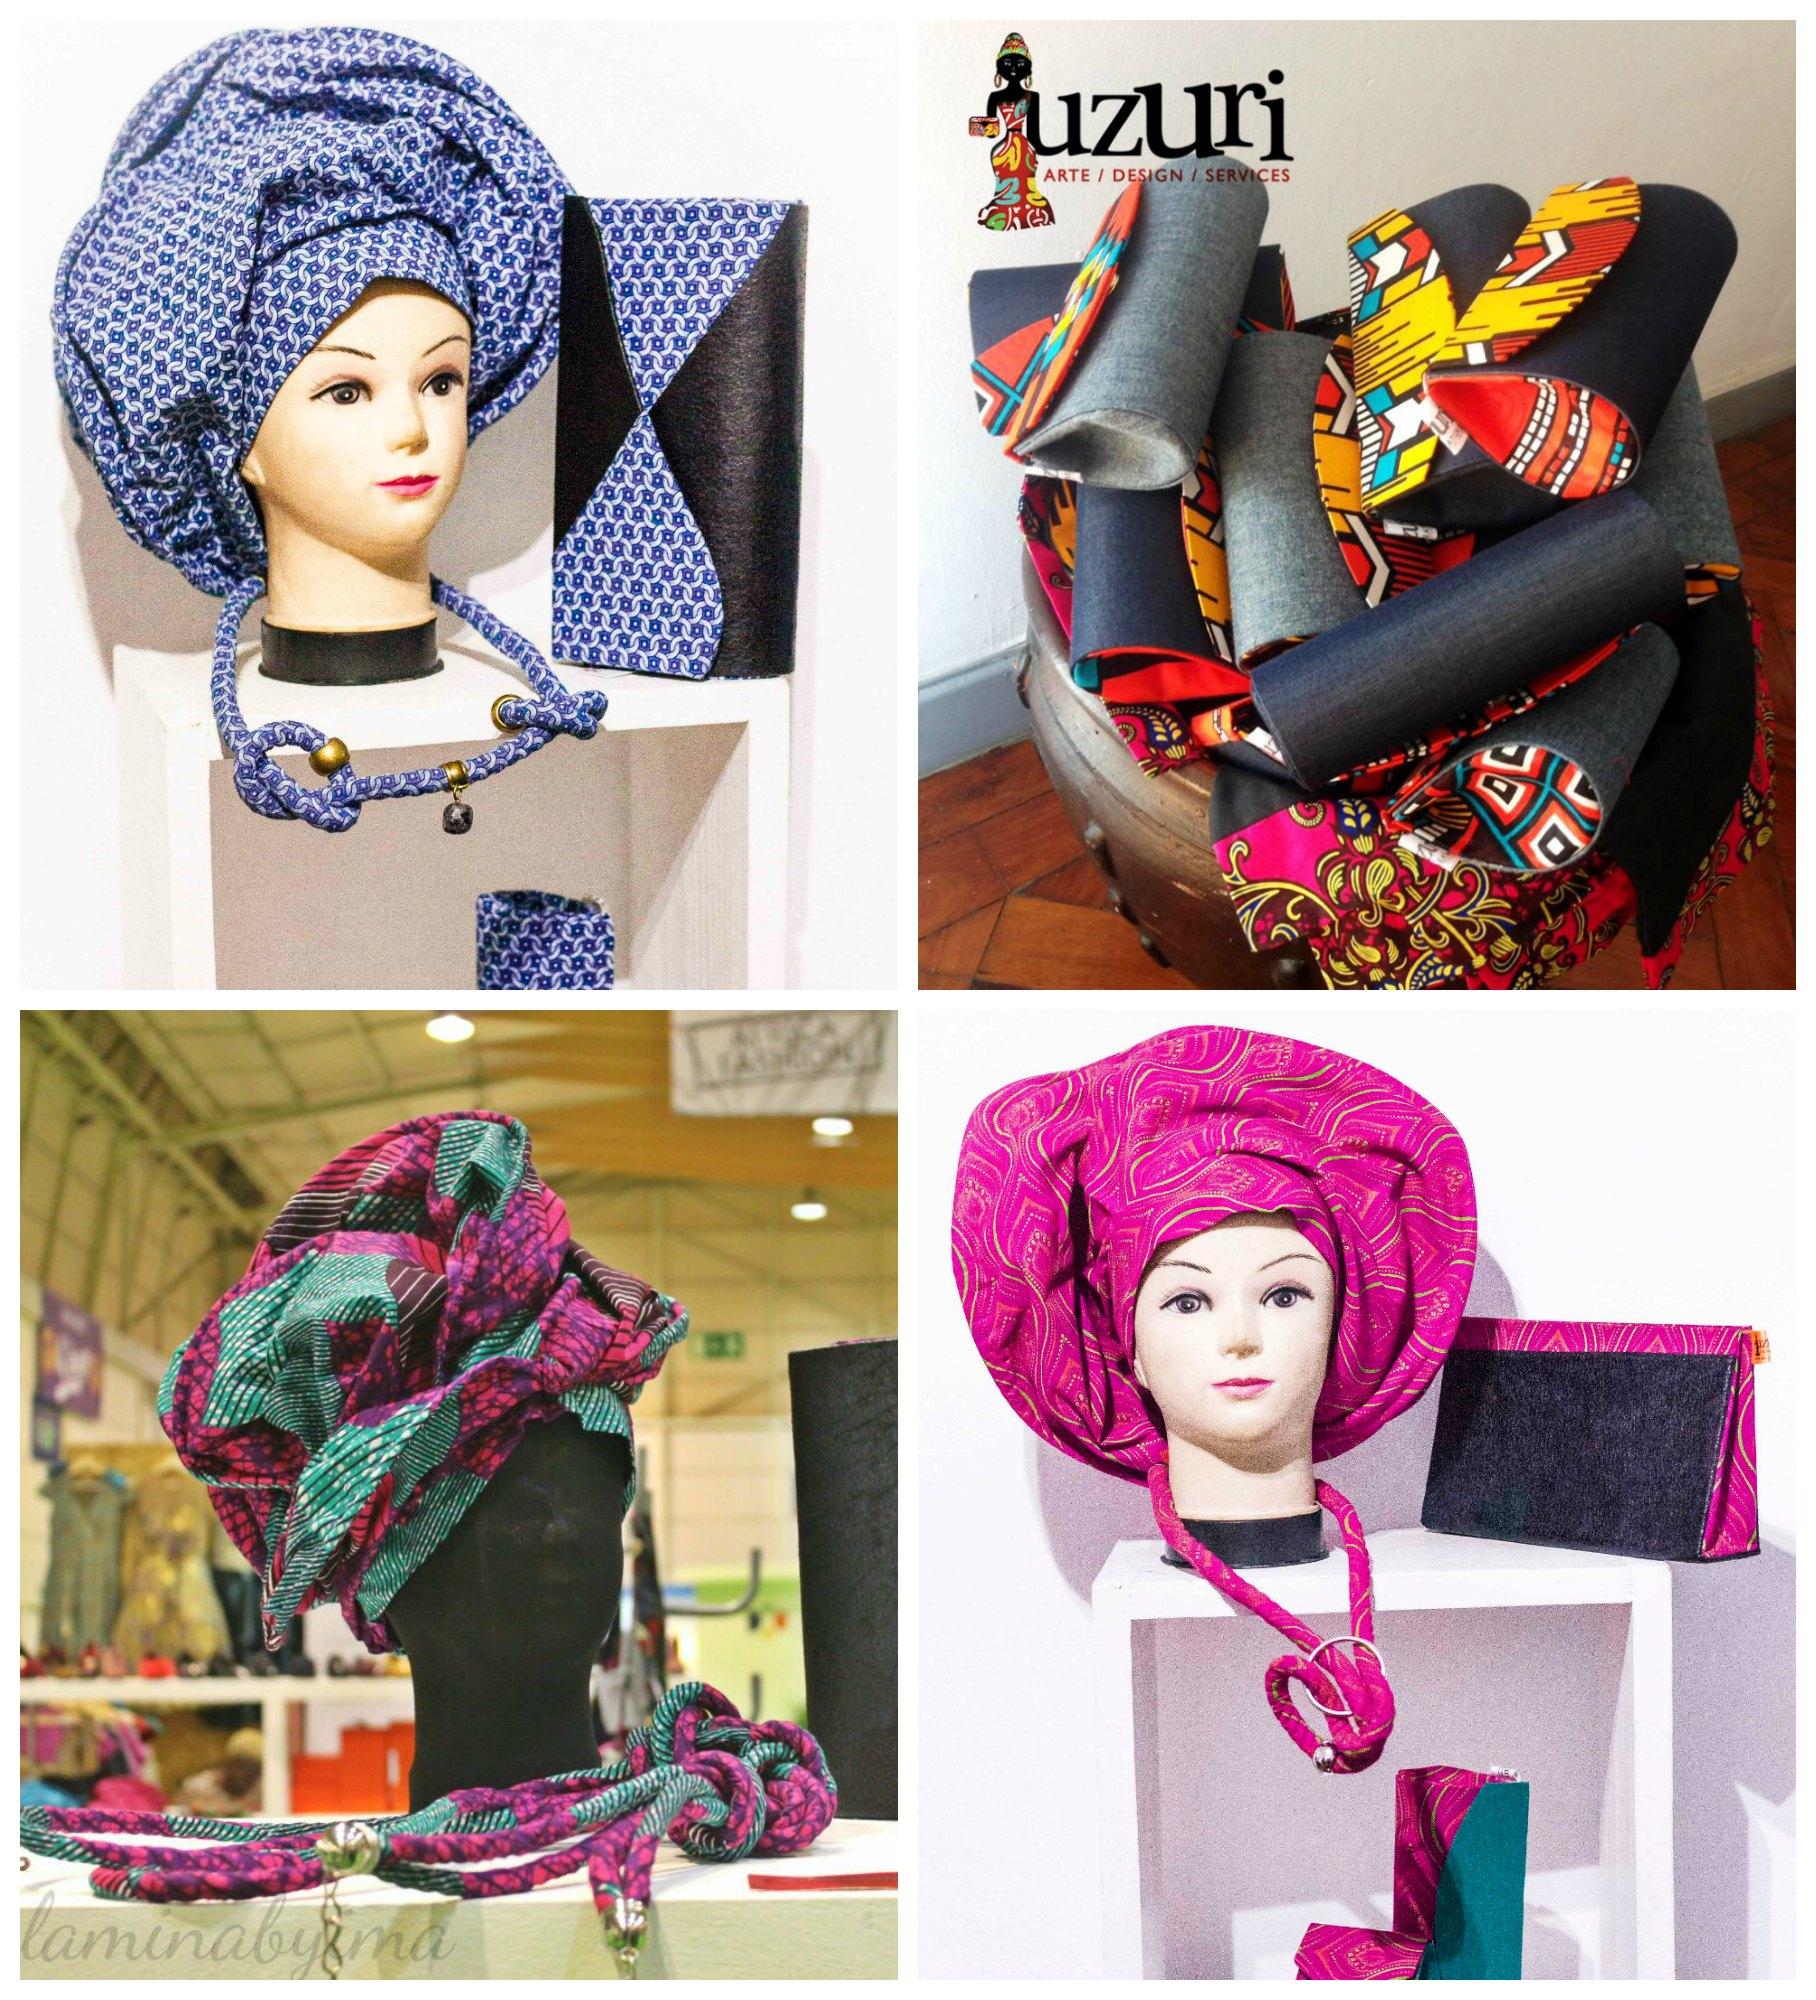 UZURI-Collage-3.jpg